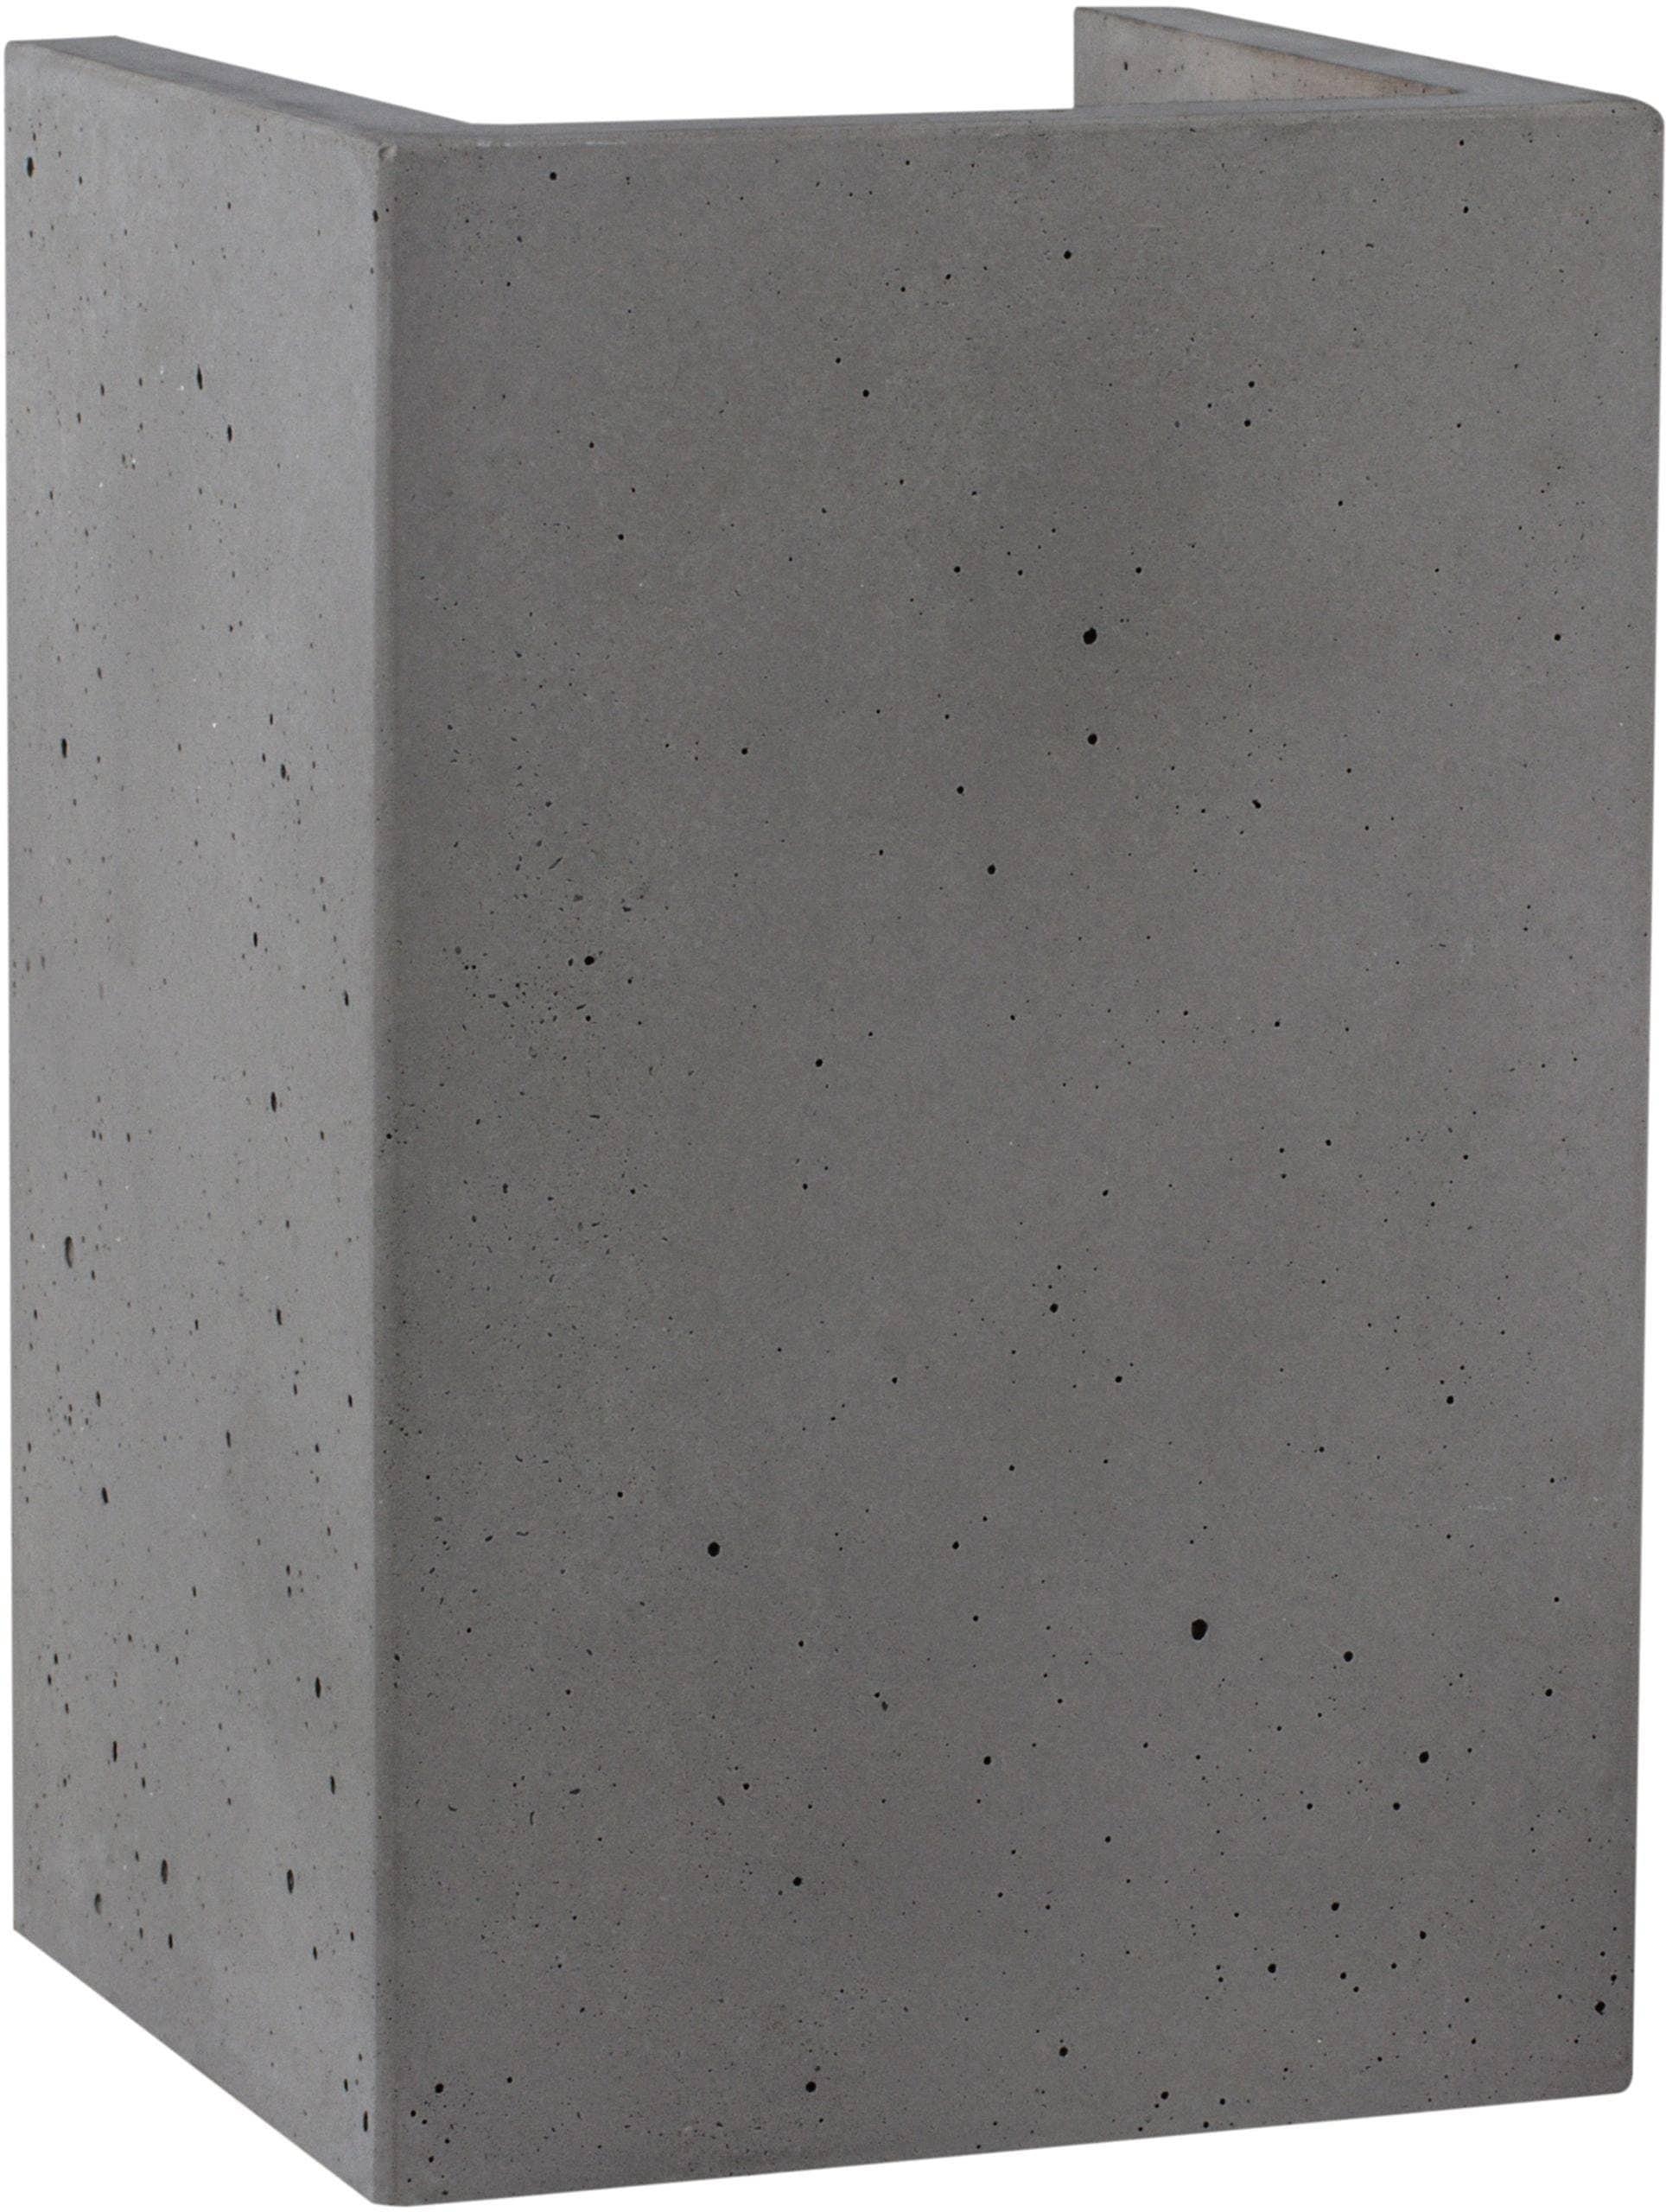 SPOT Light Wandleuchte BLOCK, GU10, Naturprodukt aus echtem Beton, Handgefertigt, Made in EU